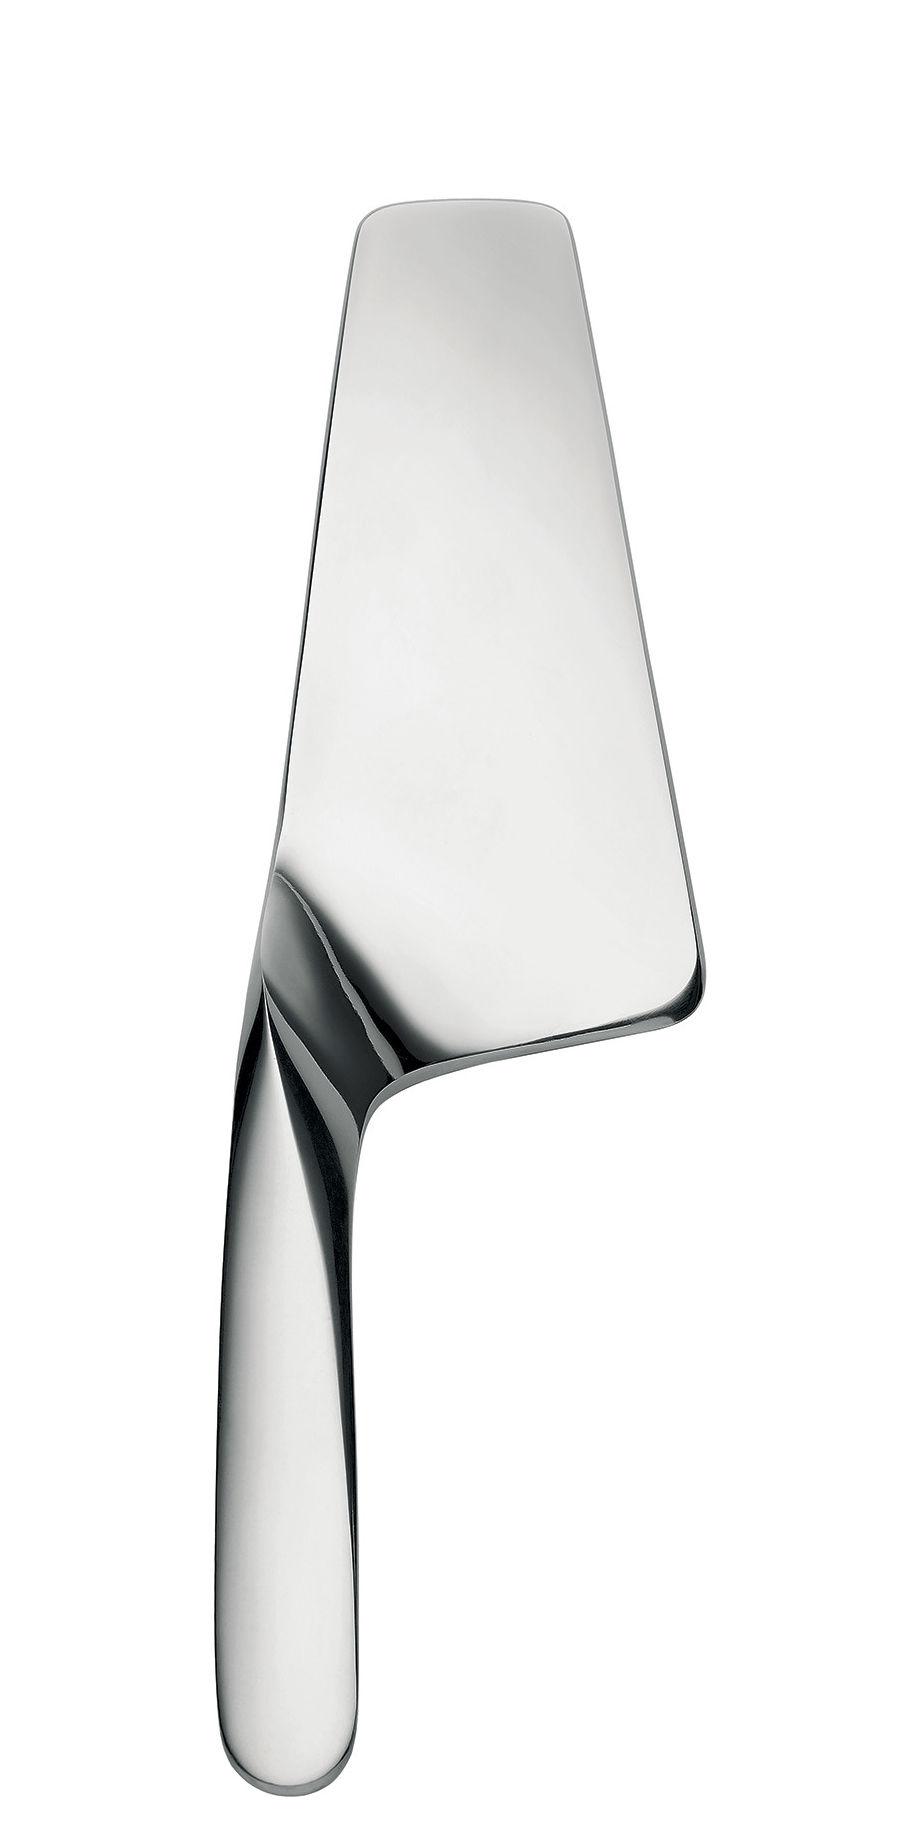 Tableware - Serving Cutlery - Giro Cake slice by Alessi - Steel - Stainless steel